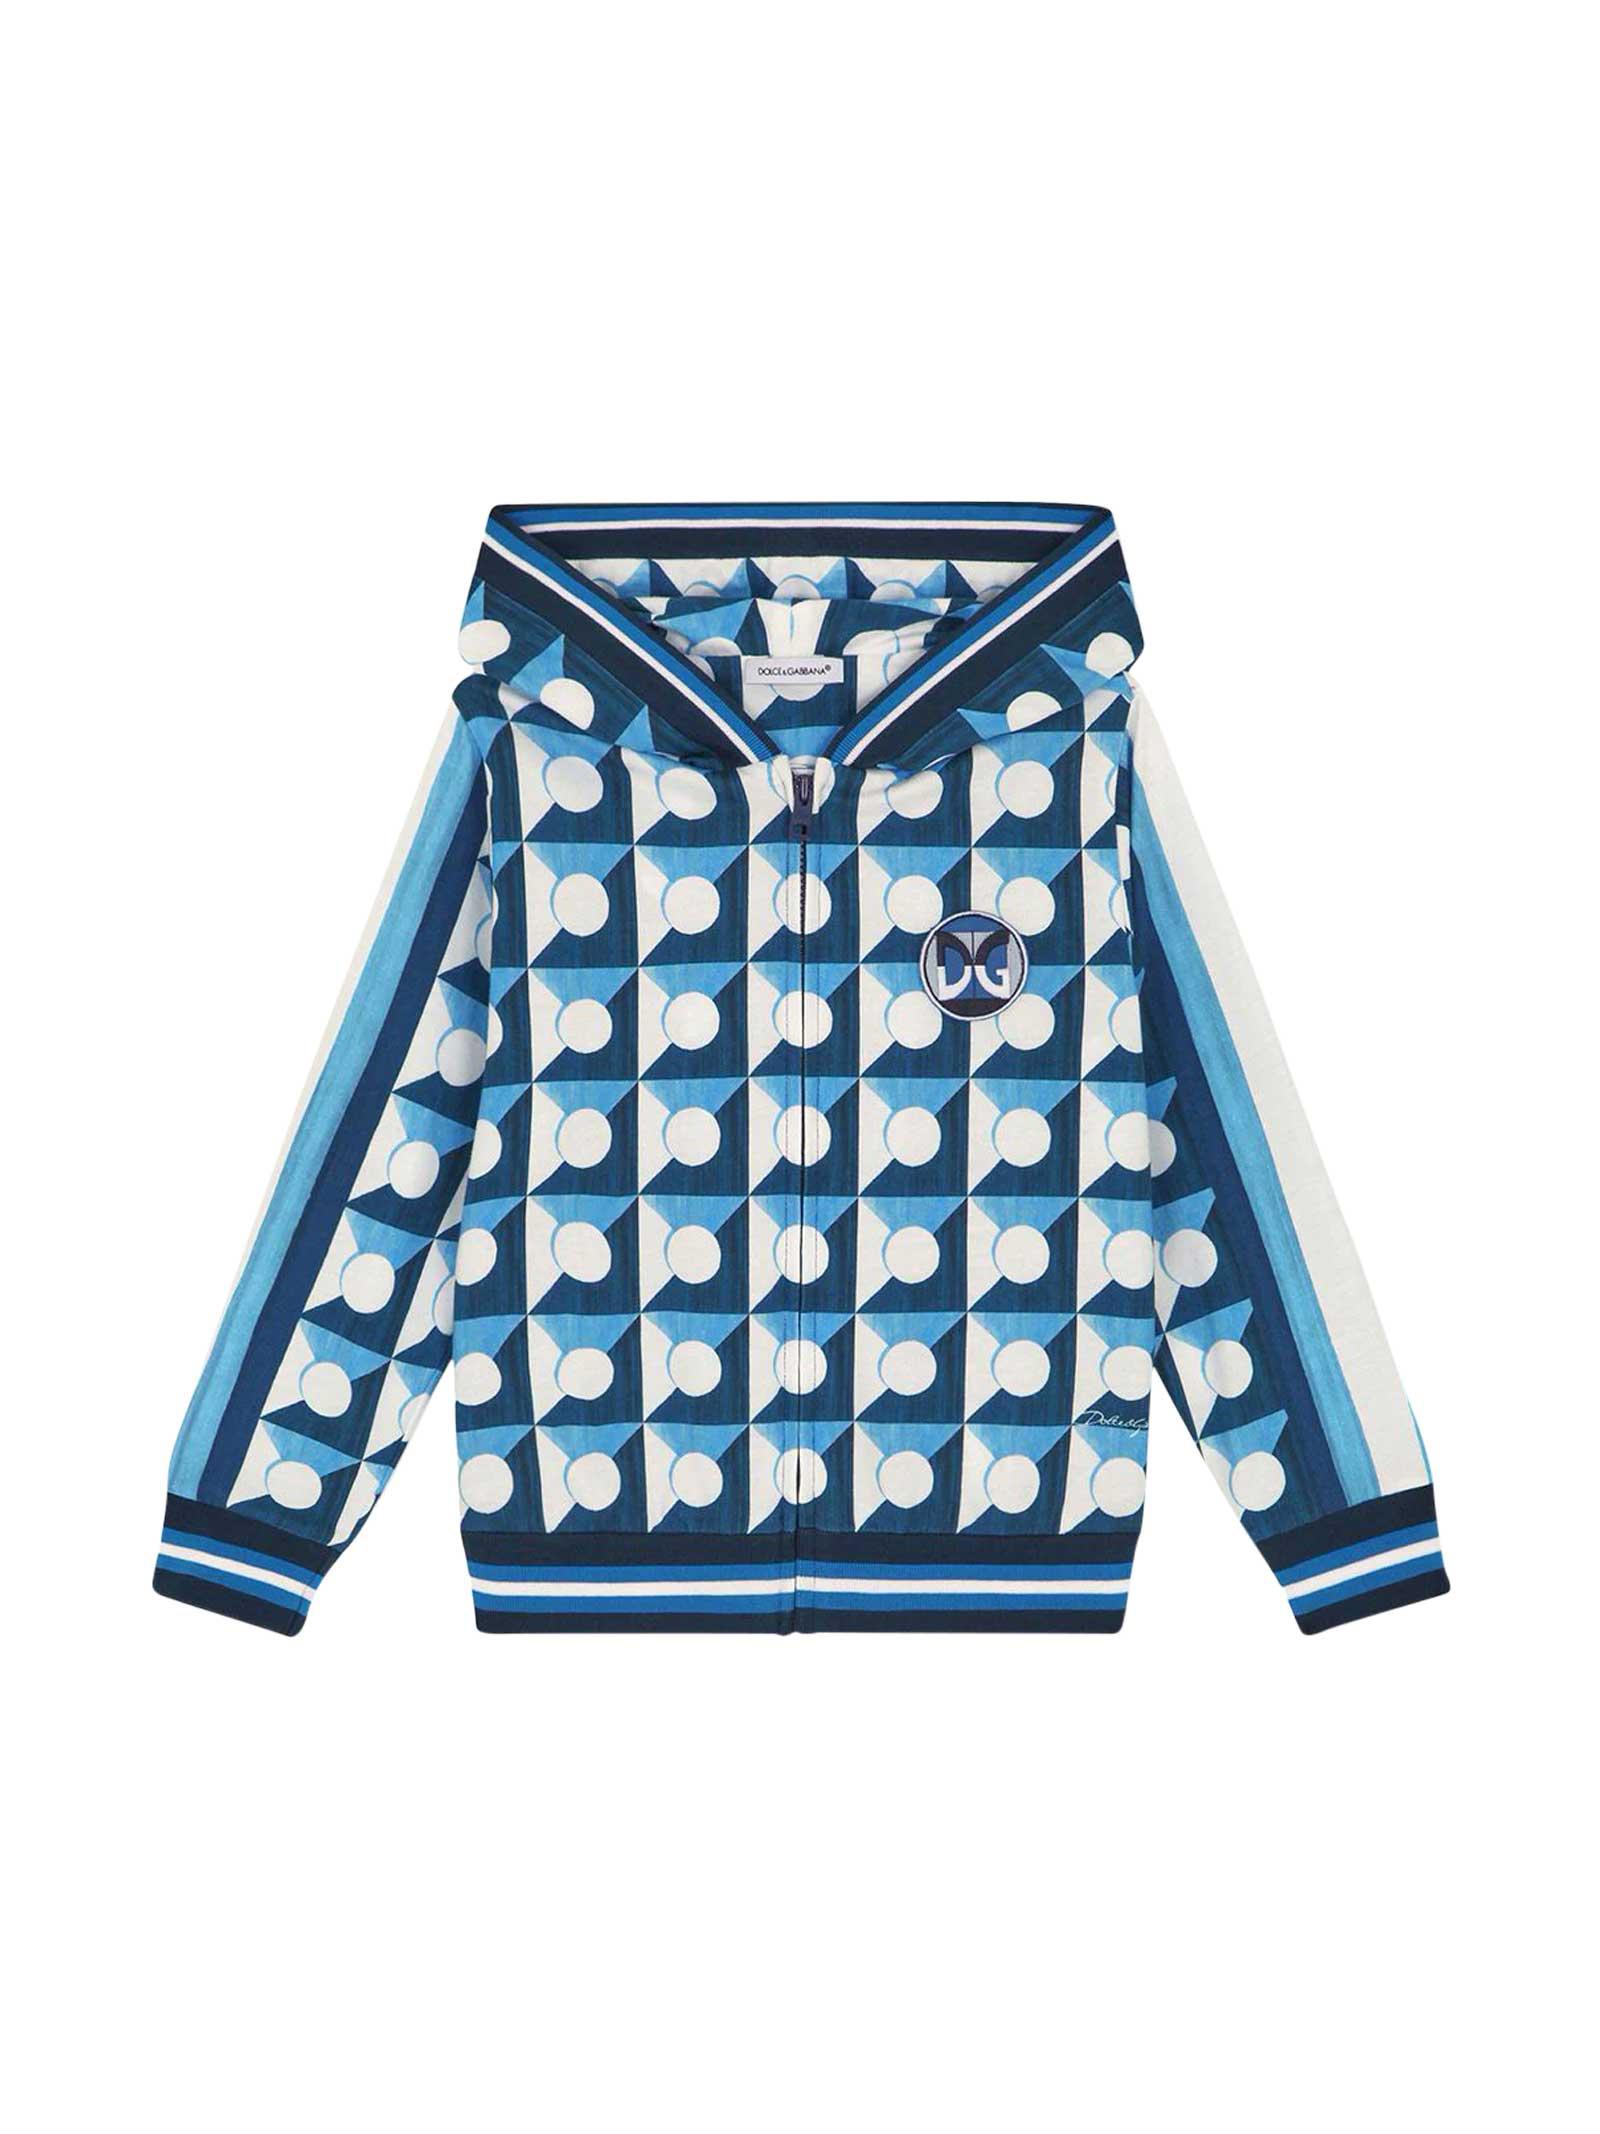 Dolce & Gabbana Shirts BLUE SWEATSHIRT